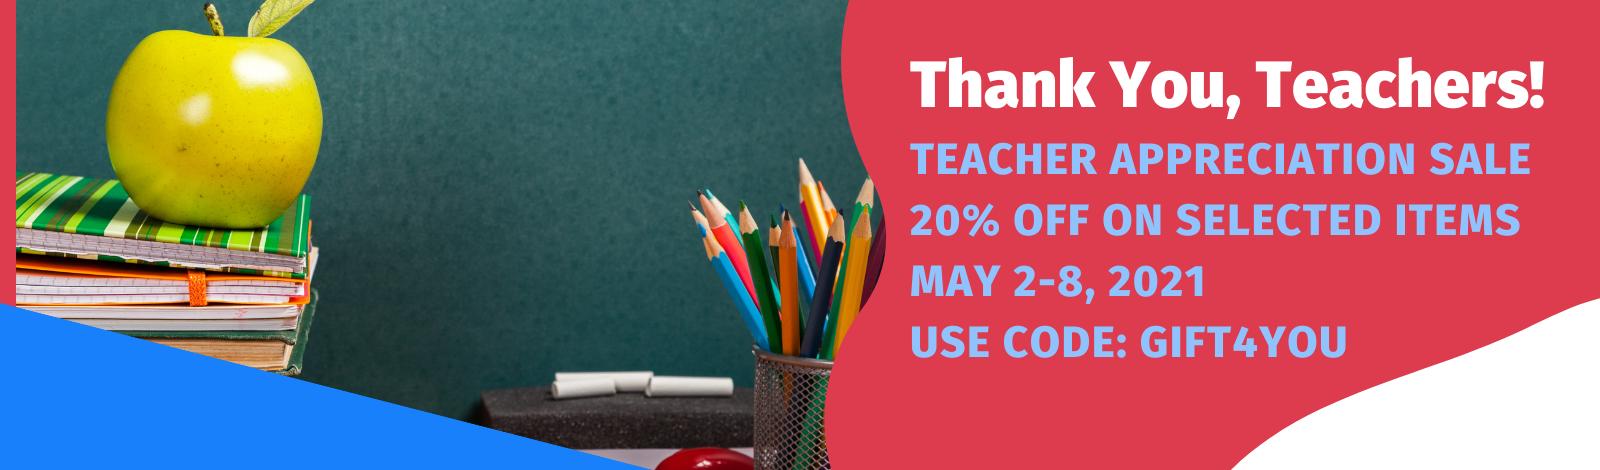 Teacher-Appreciation-Week-Banner